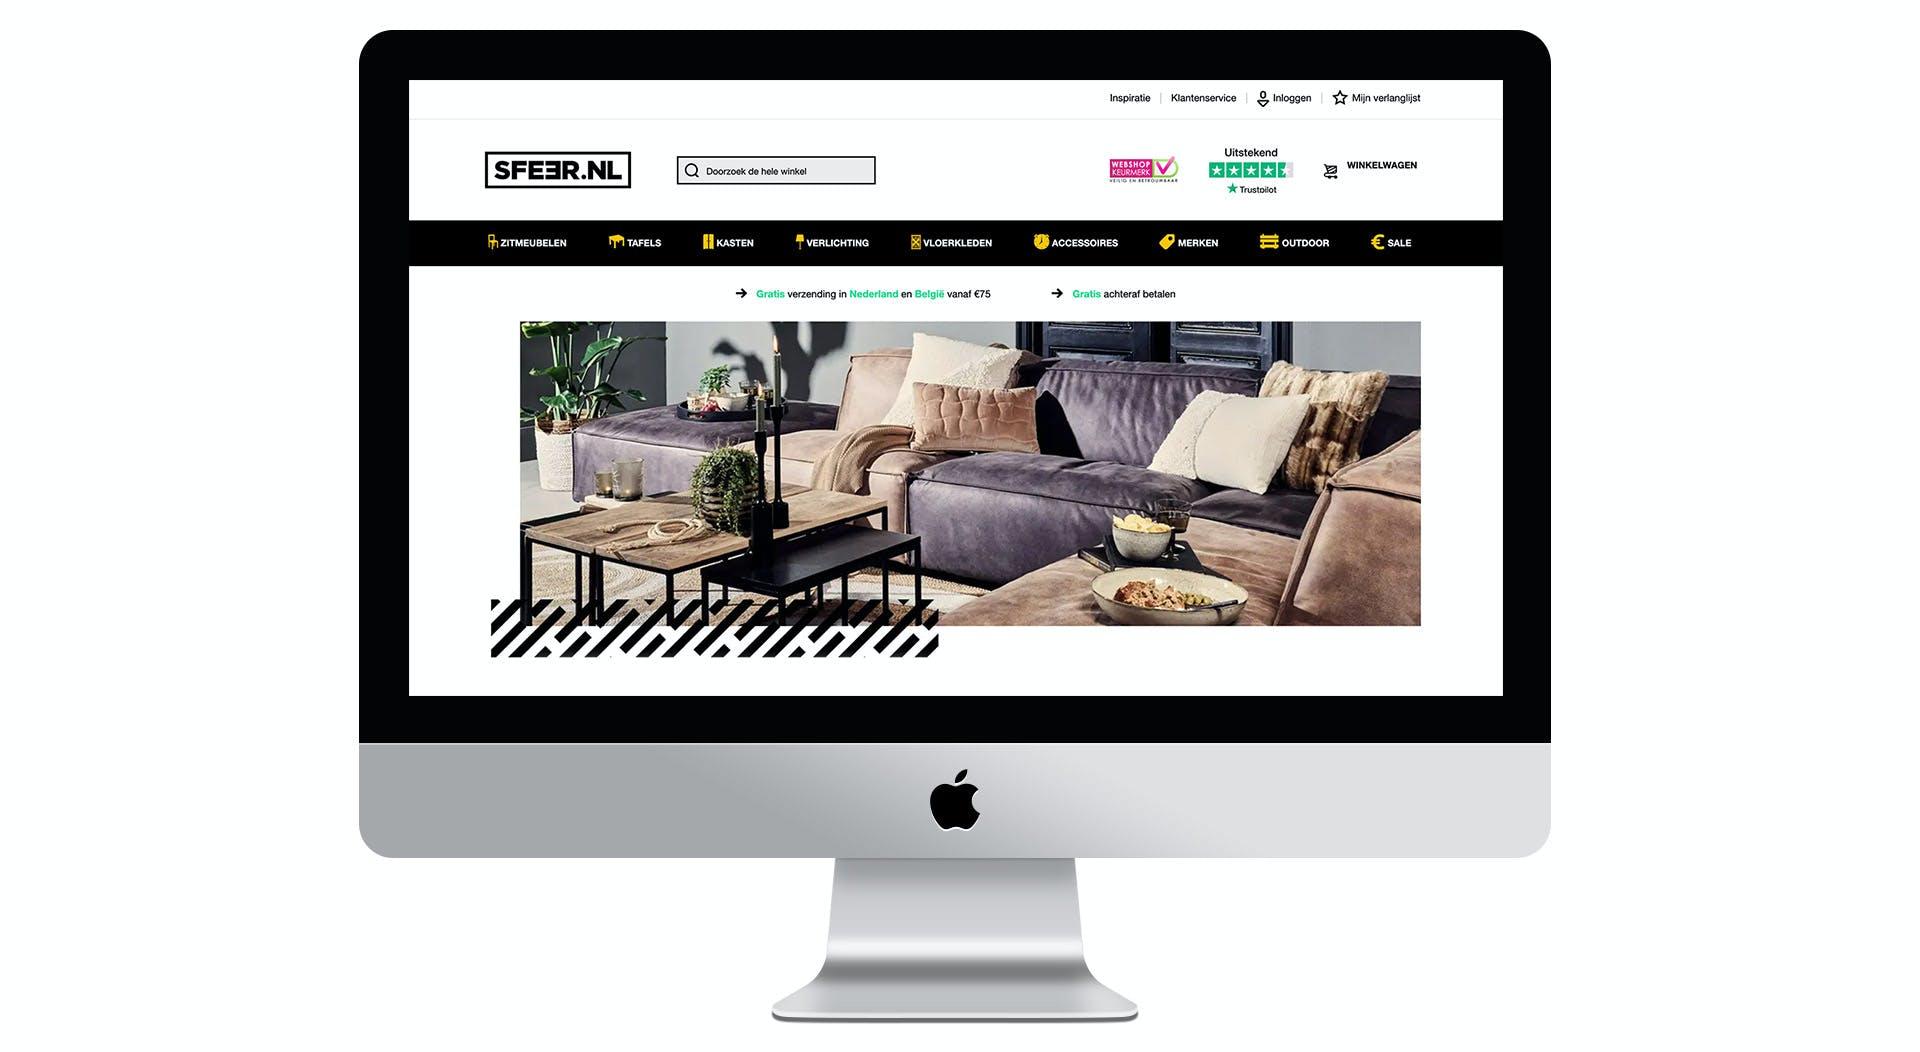 Sfeer.nl homepage